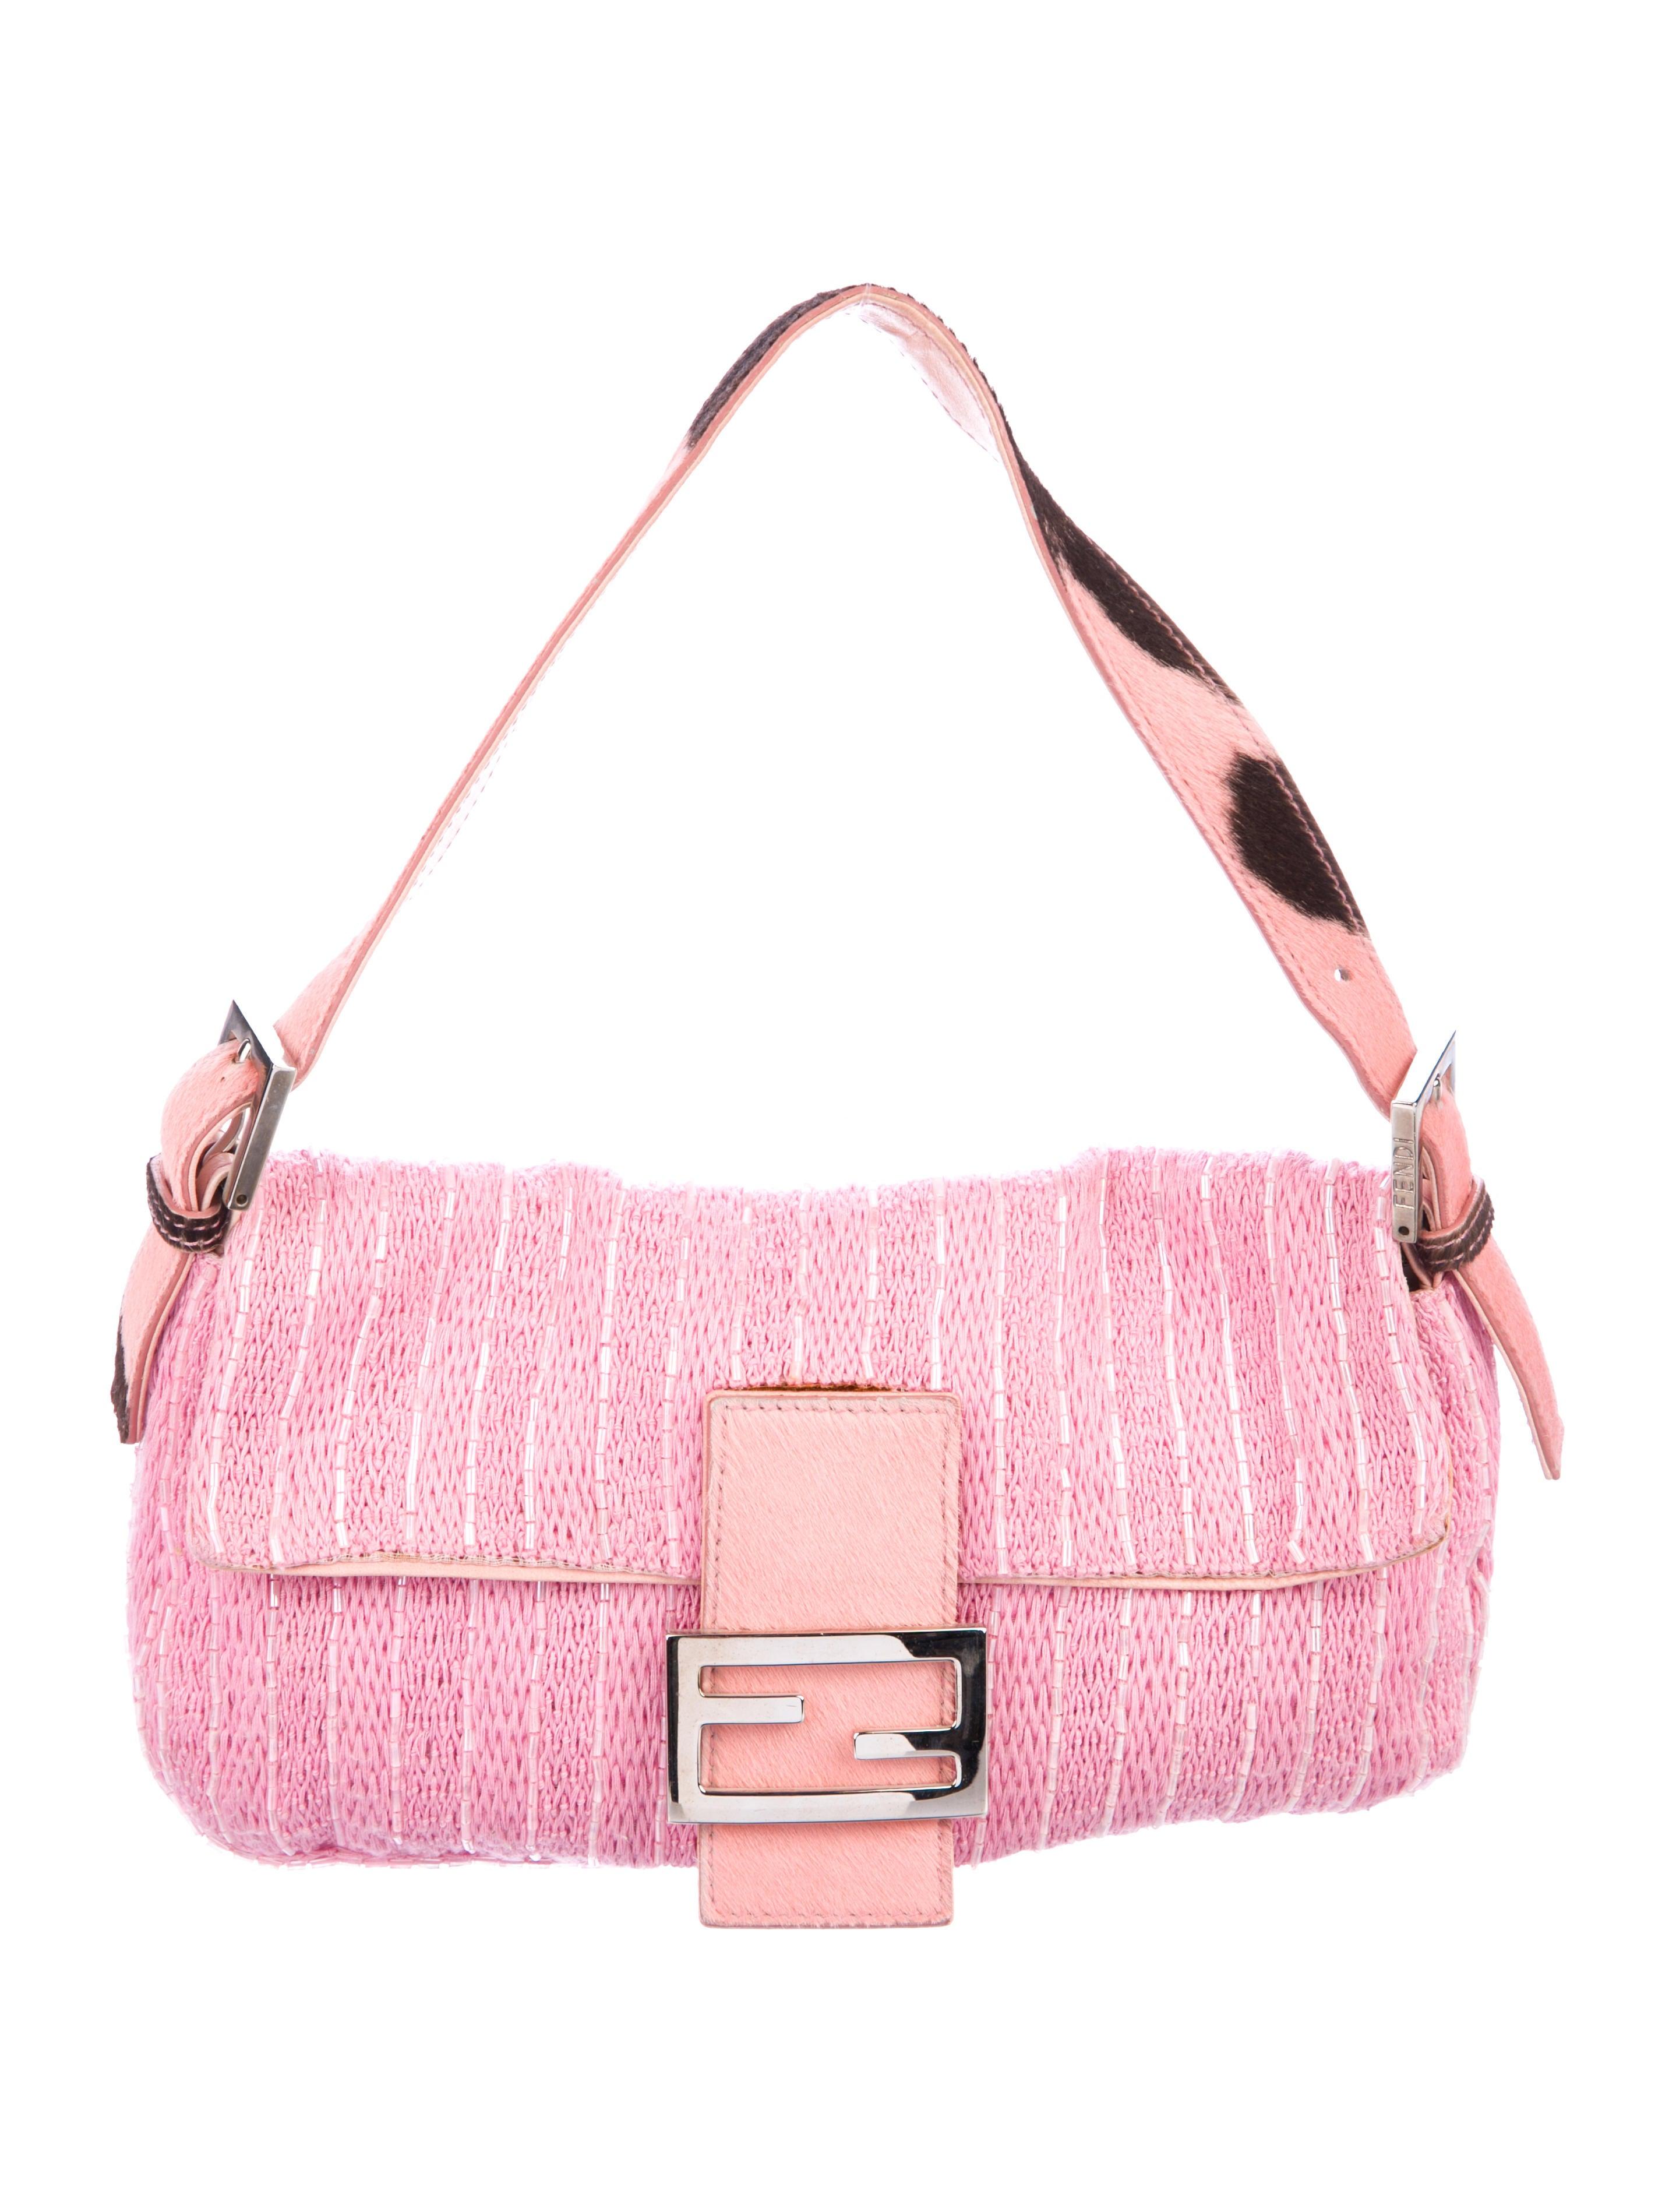 e8c25022586 Fendi Bead-Embellished Baguette Bag - Handbags - FEN81490   The RealReal